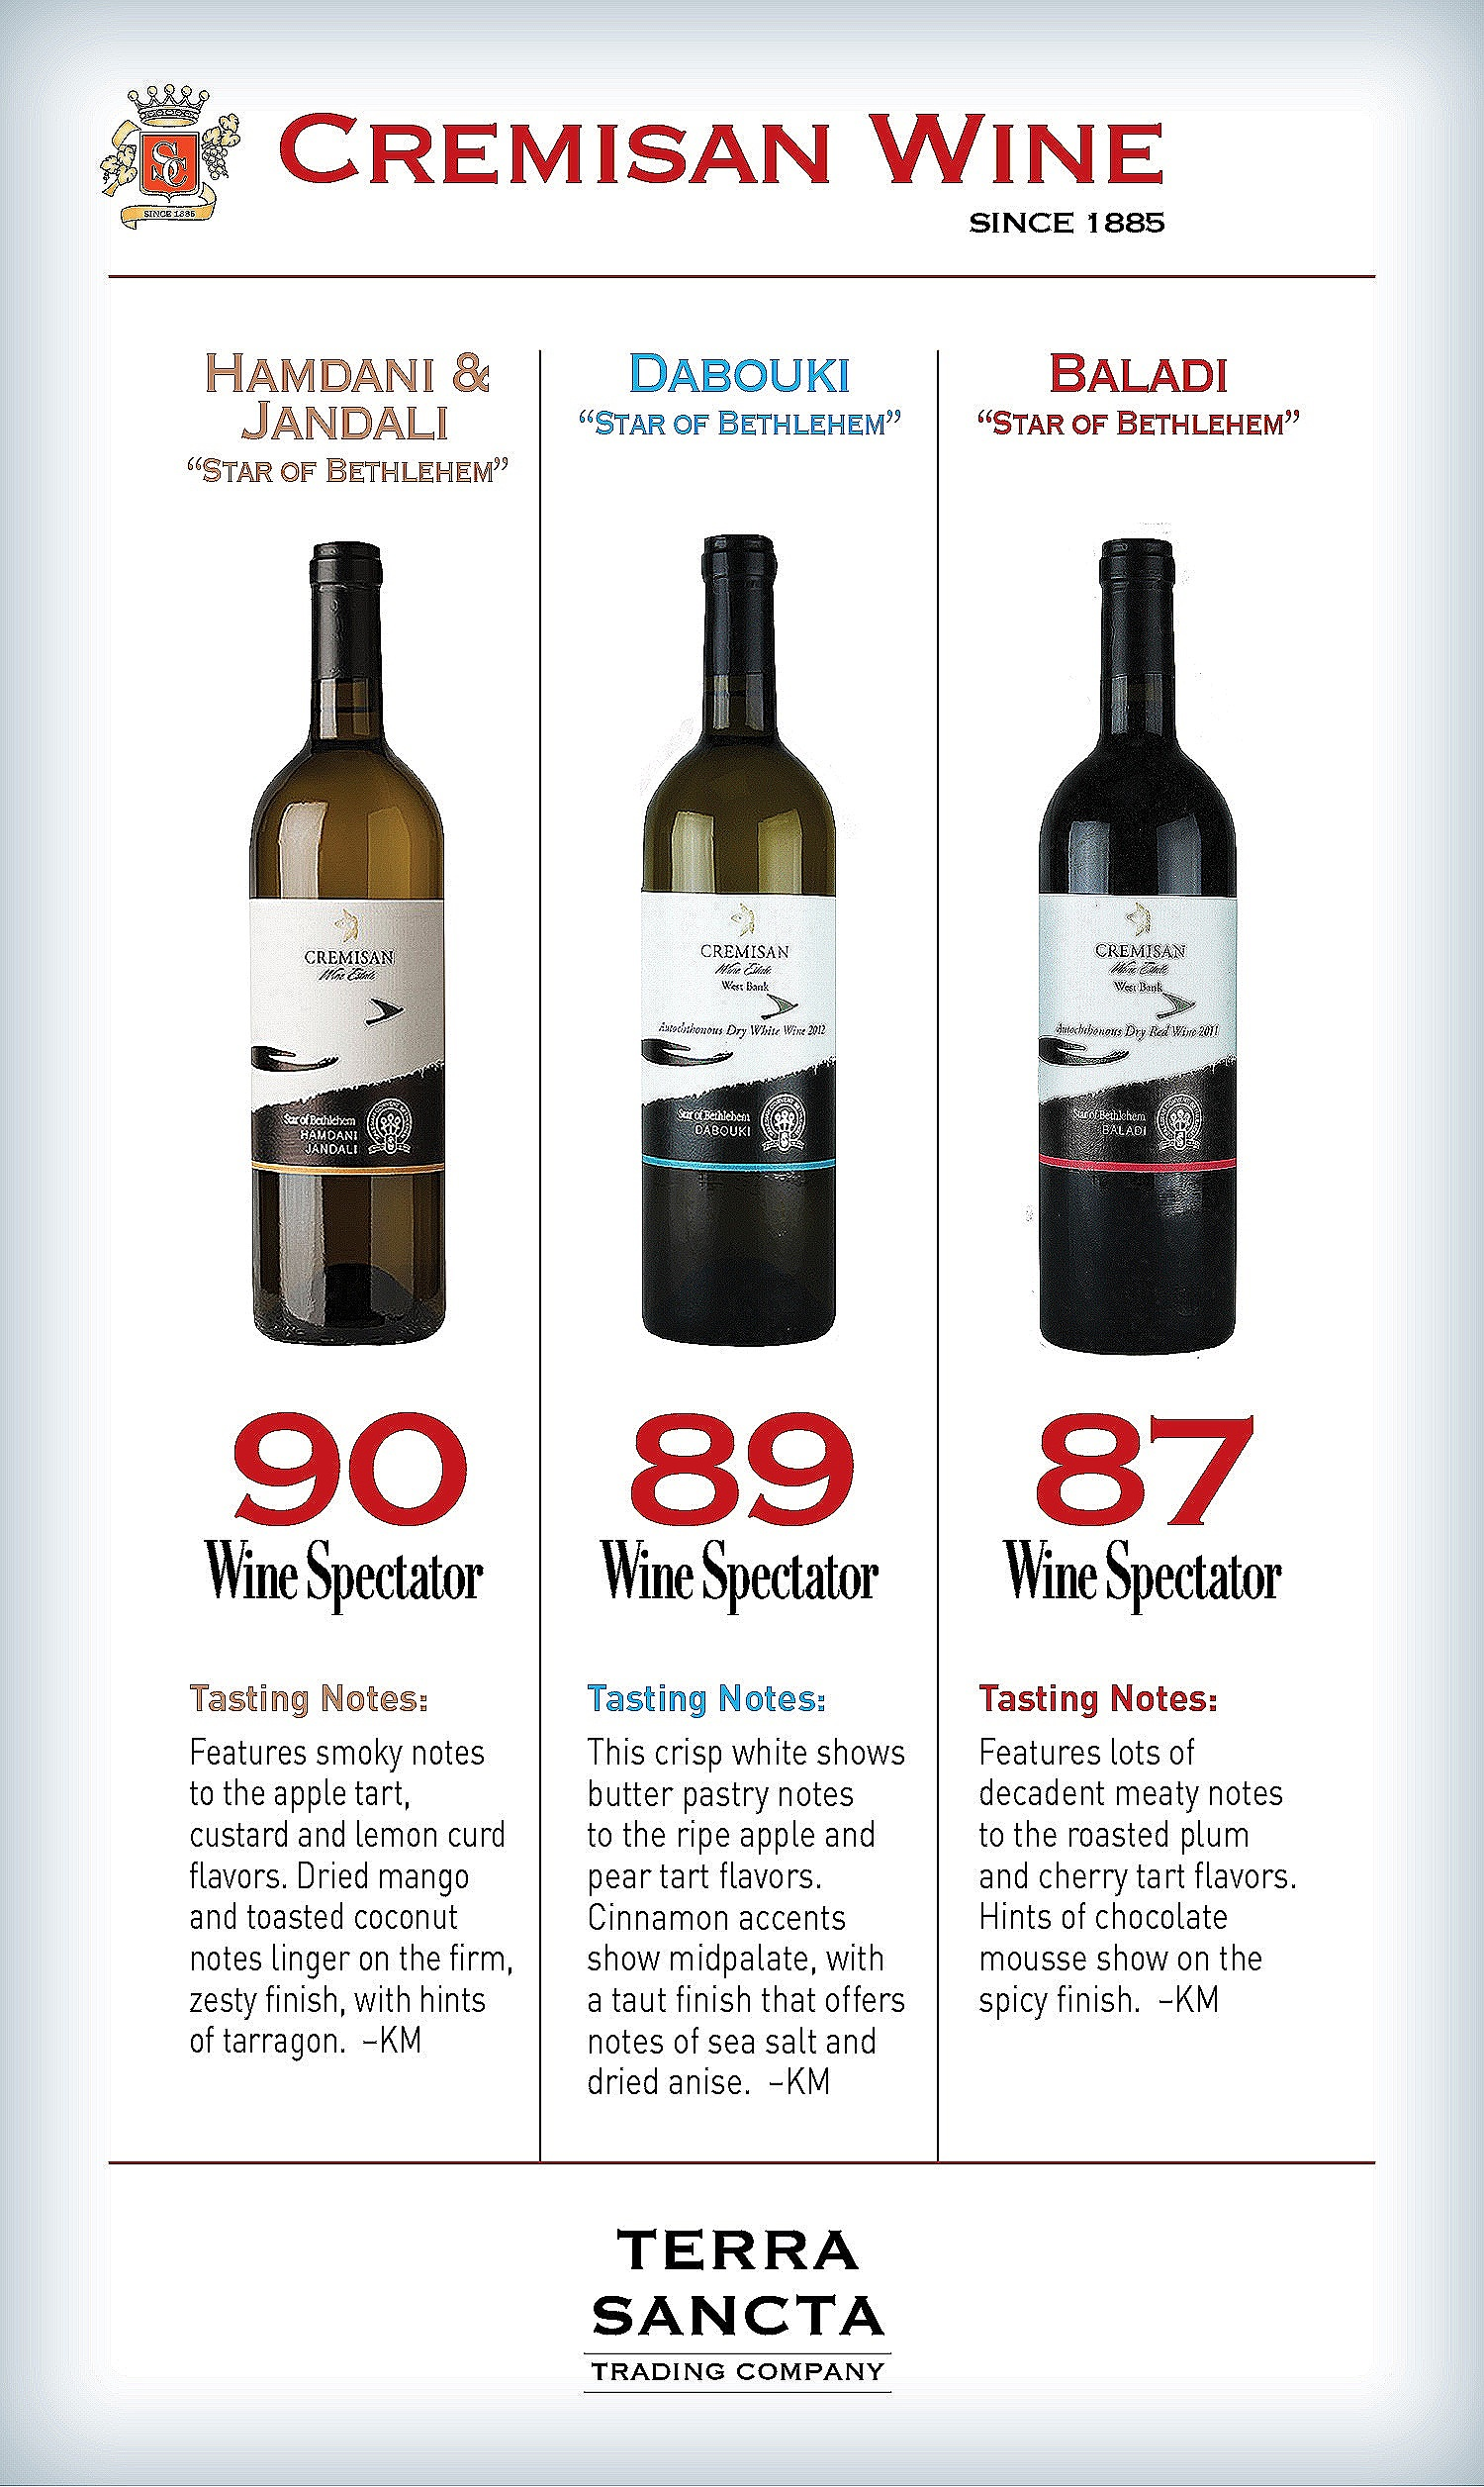 wine spectator ratings 2016.jpg